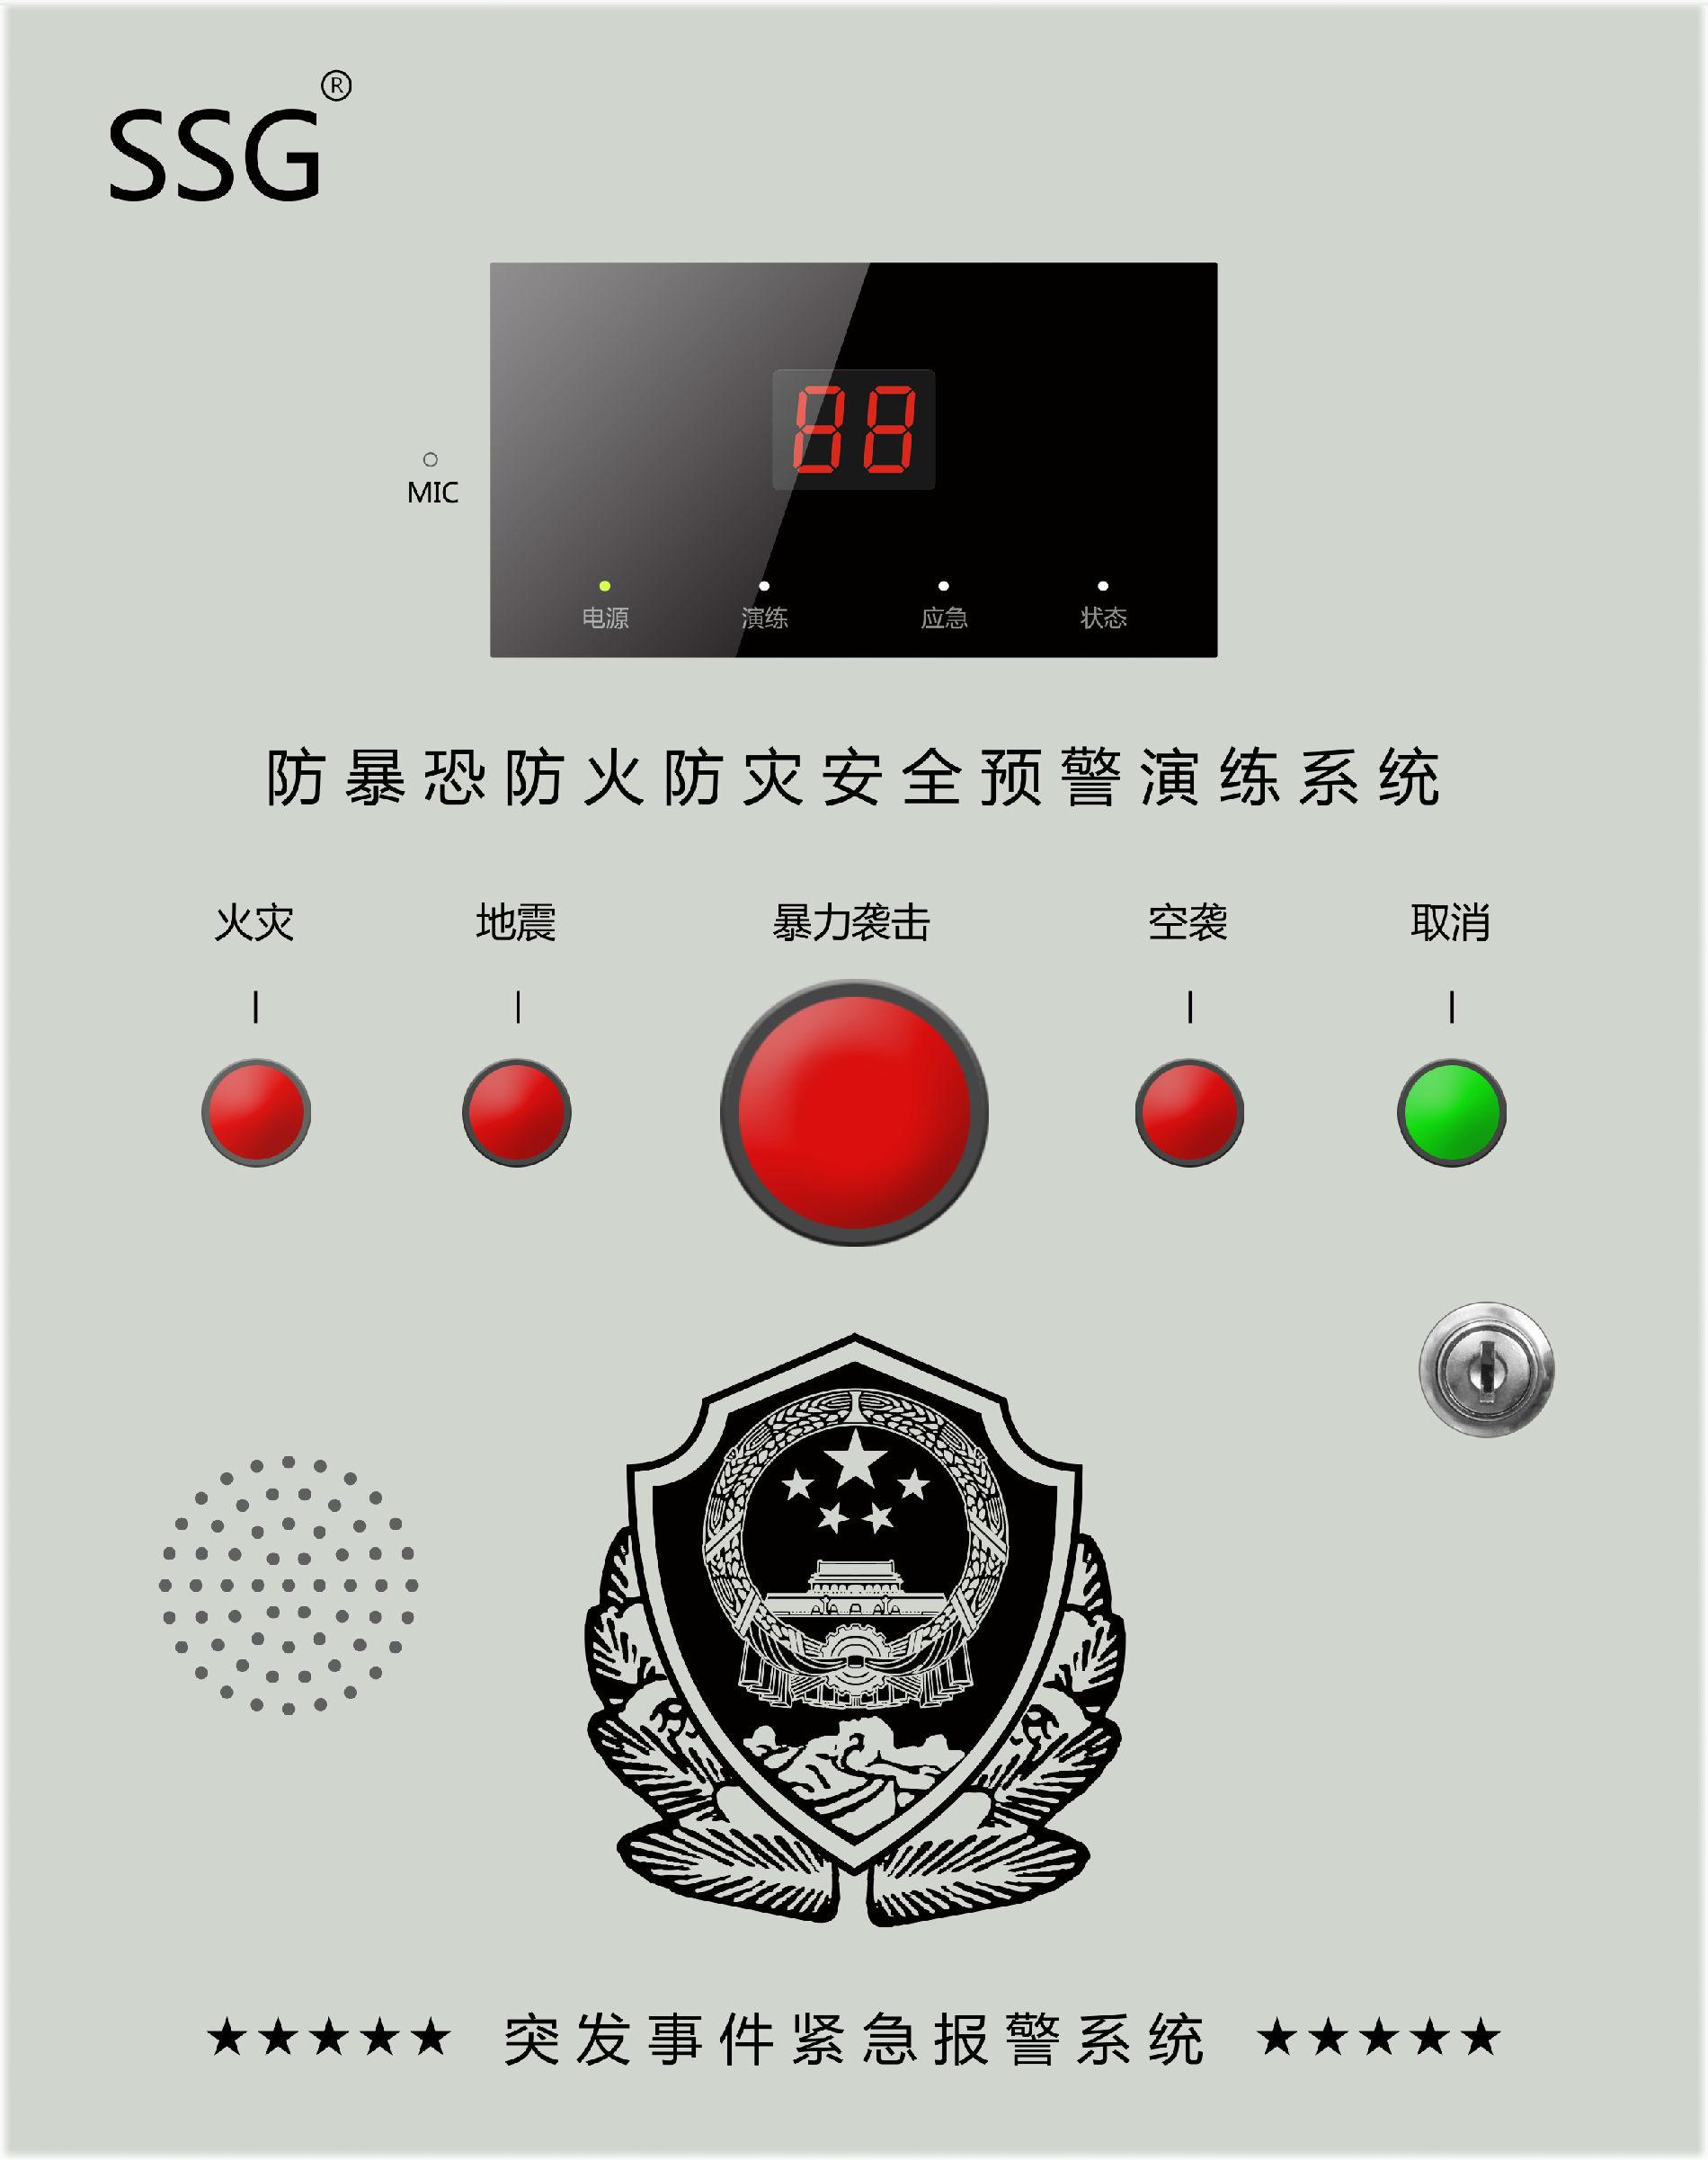 校园一键式报警系统,校园一键式报警装置